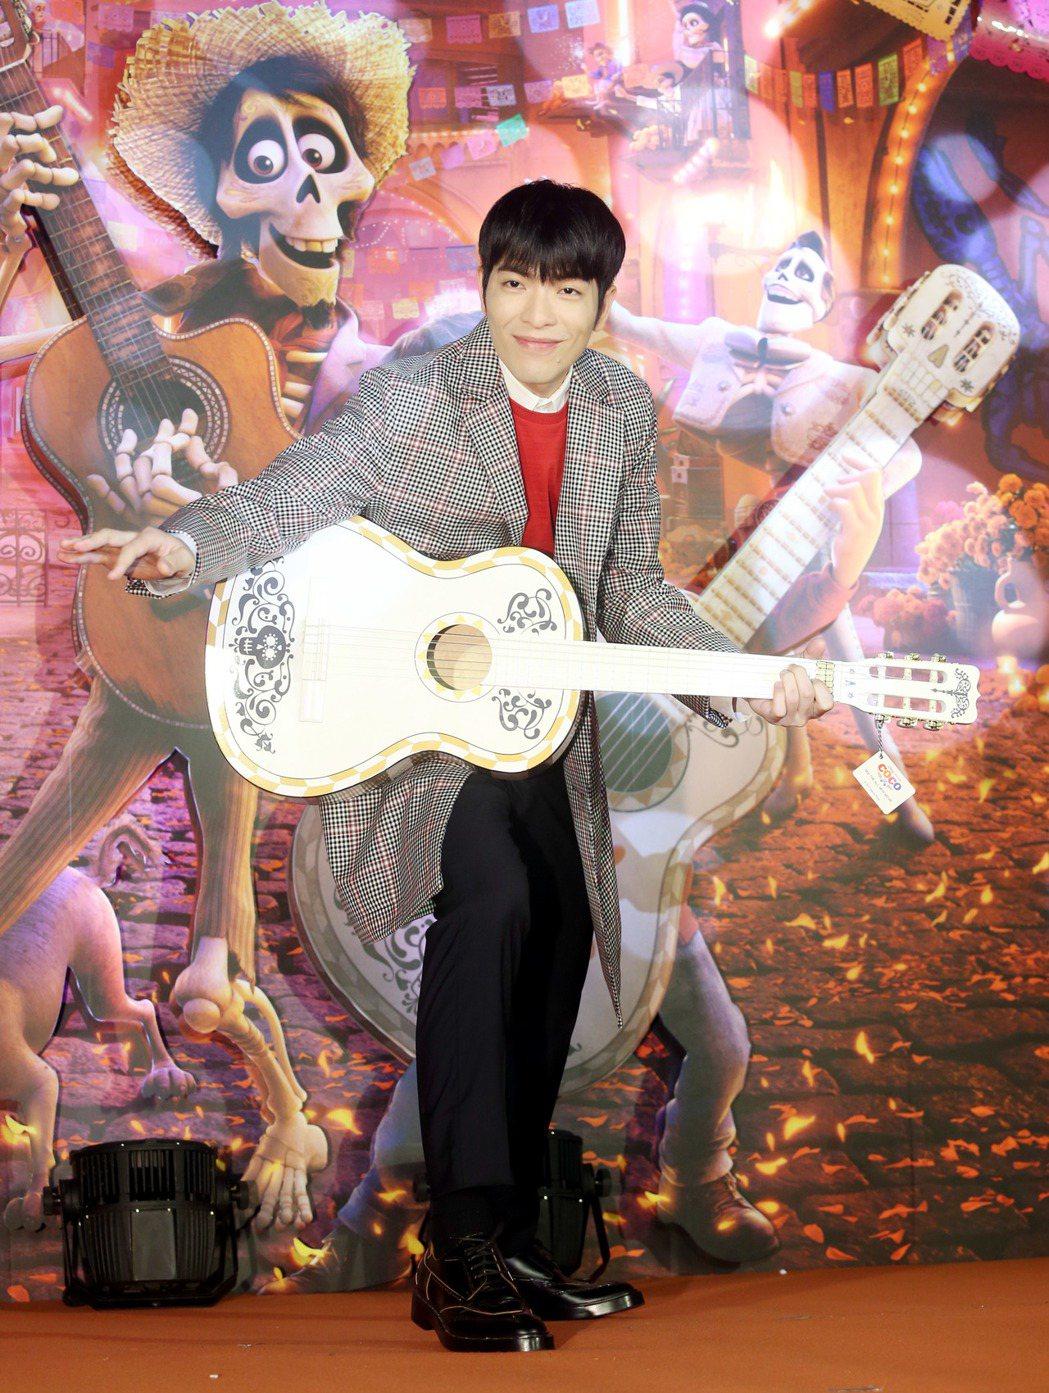 由蕭敬騰配音和配樂的電影《可可夜總會》中文版,21日舉行首映會。記者邱德祥/攝影